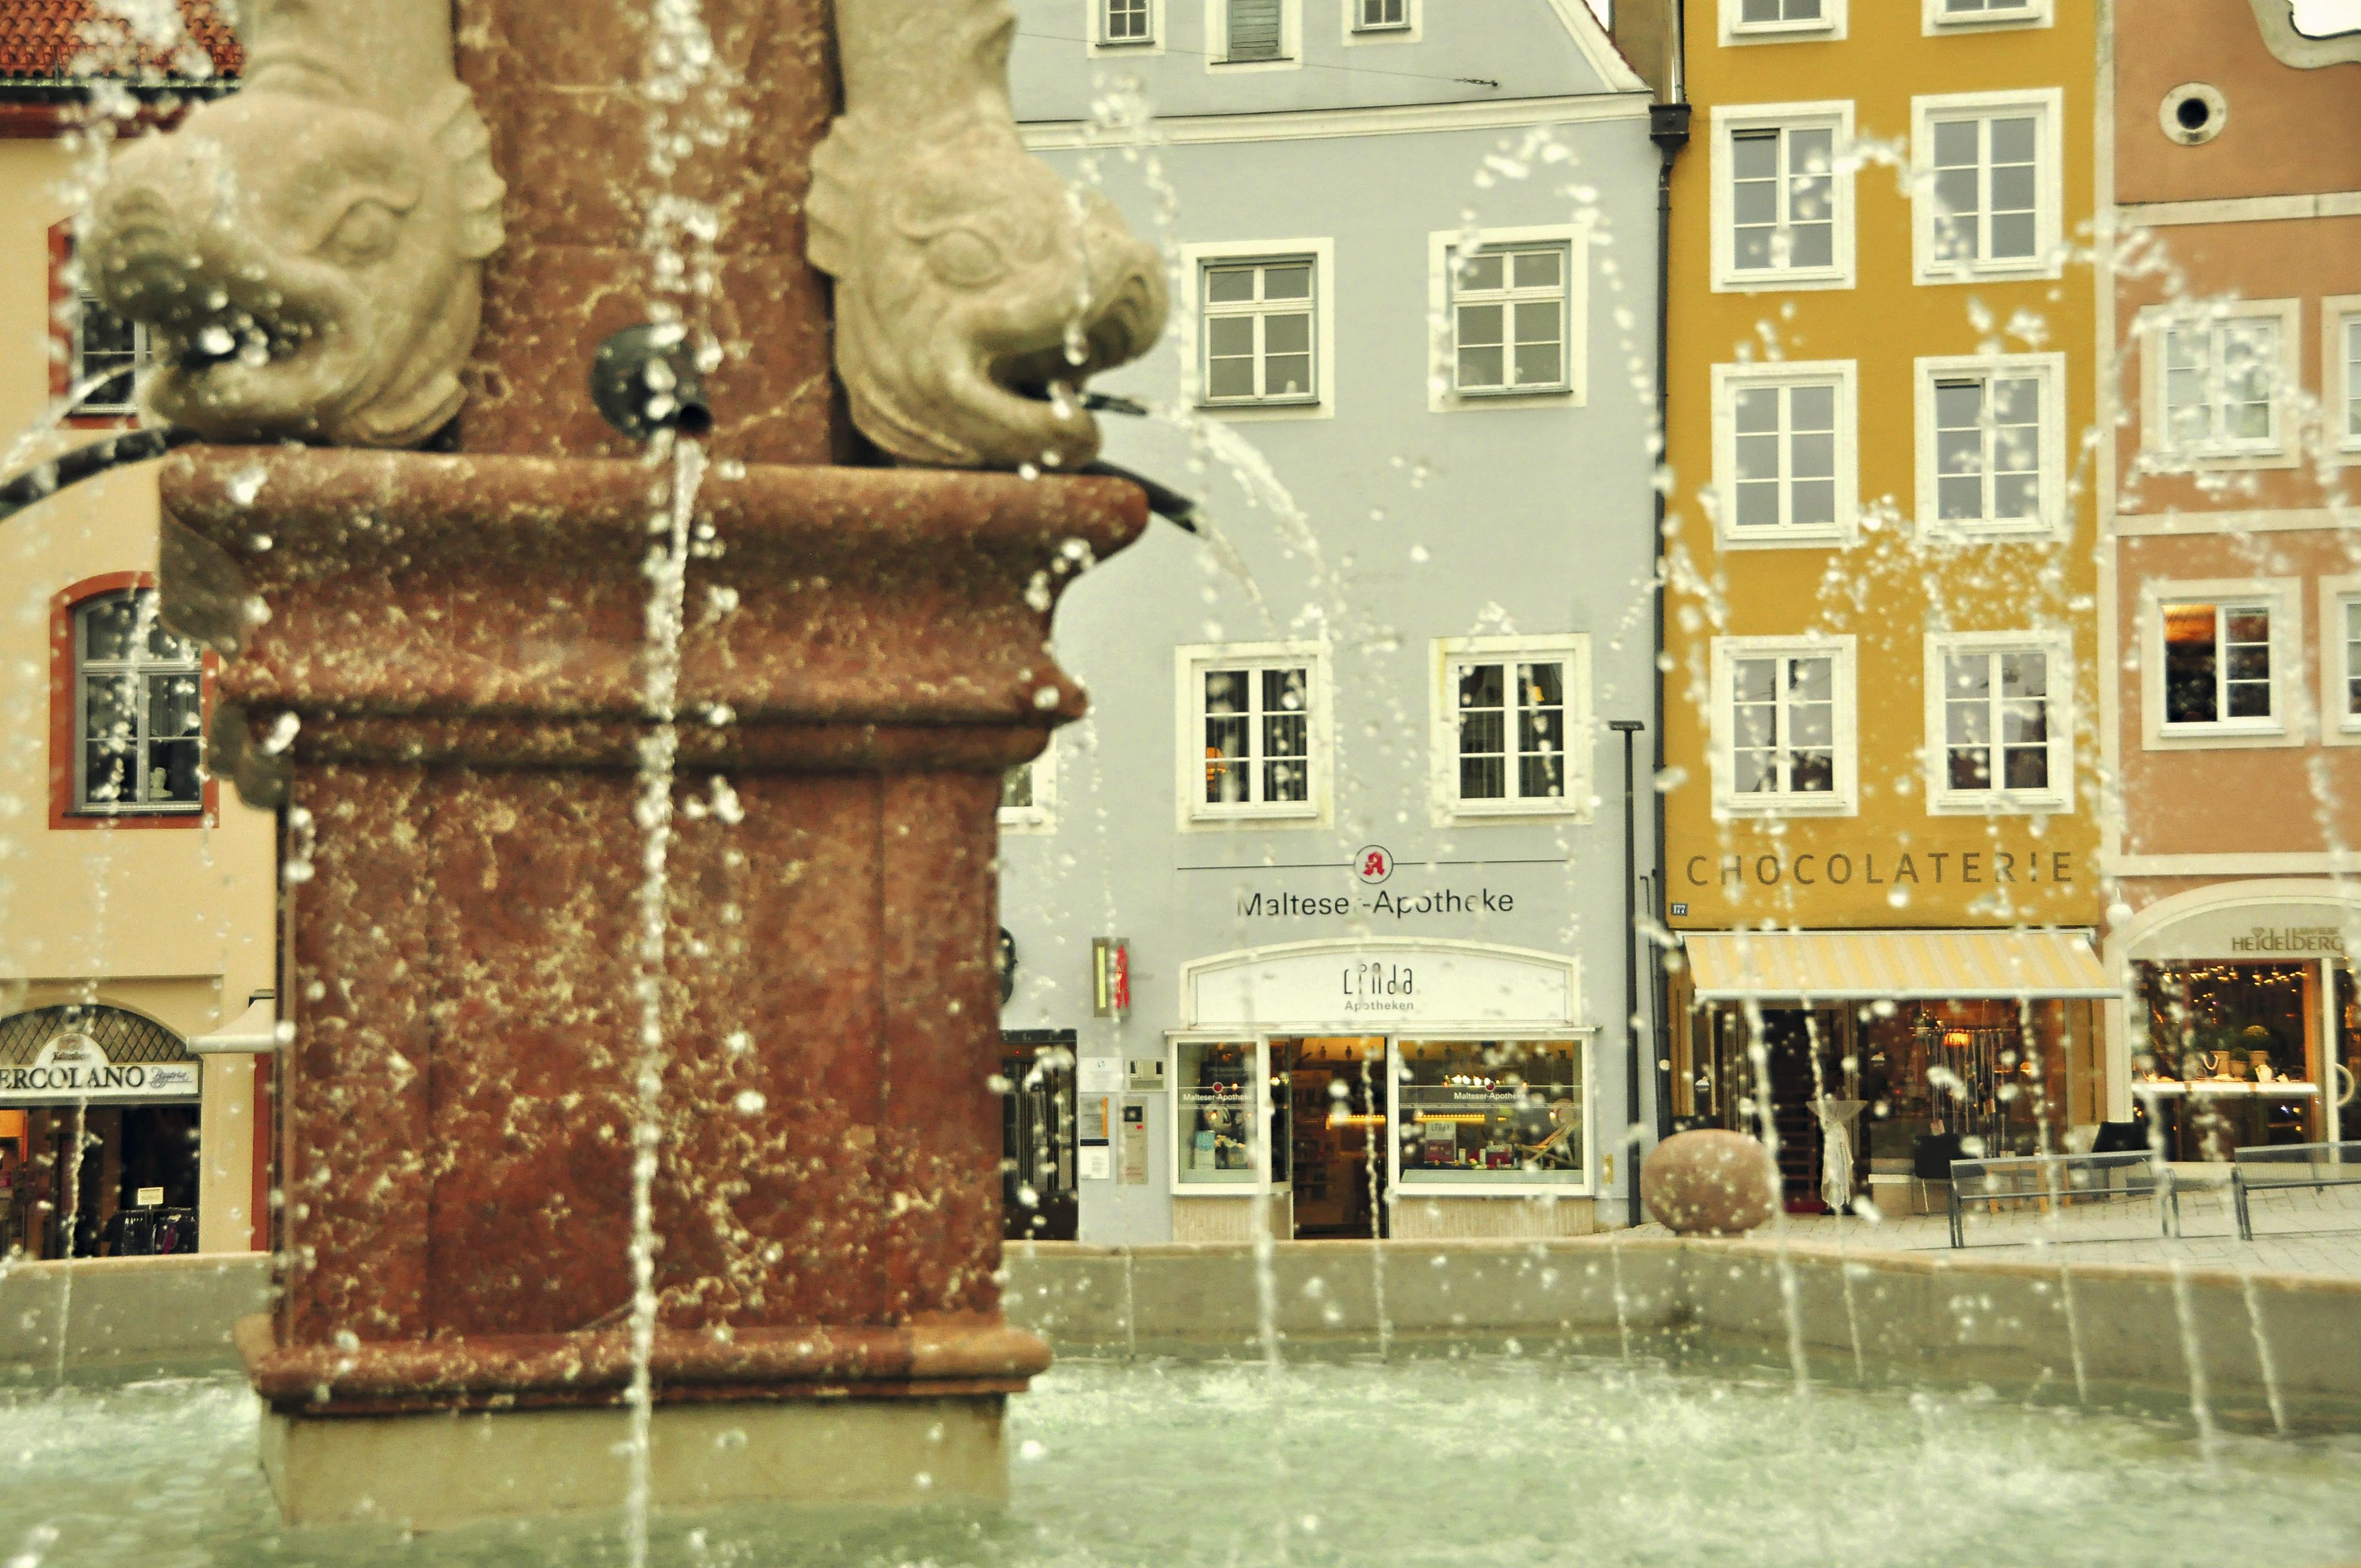 Praça Haupplatz, Landsberg, Alemanhaam Lech